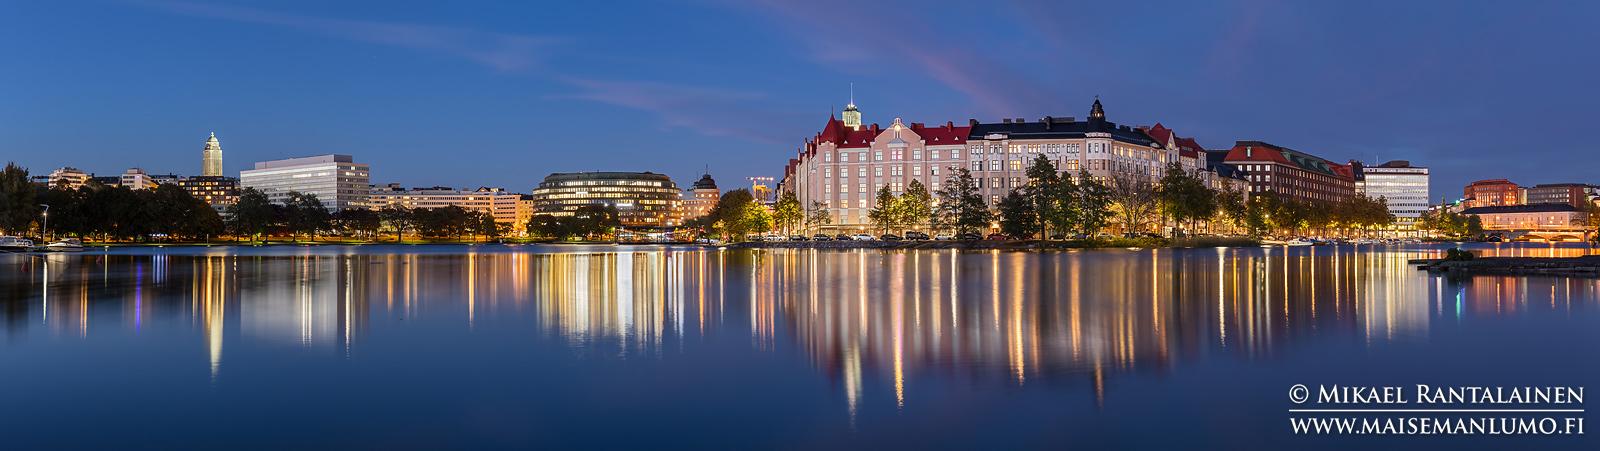 Eläintarhanlahti, Helsinki (HP202)